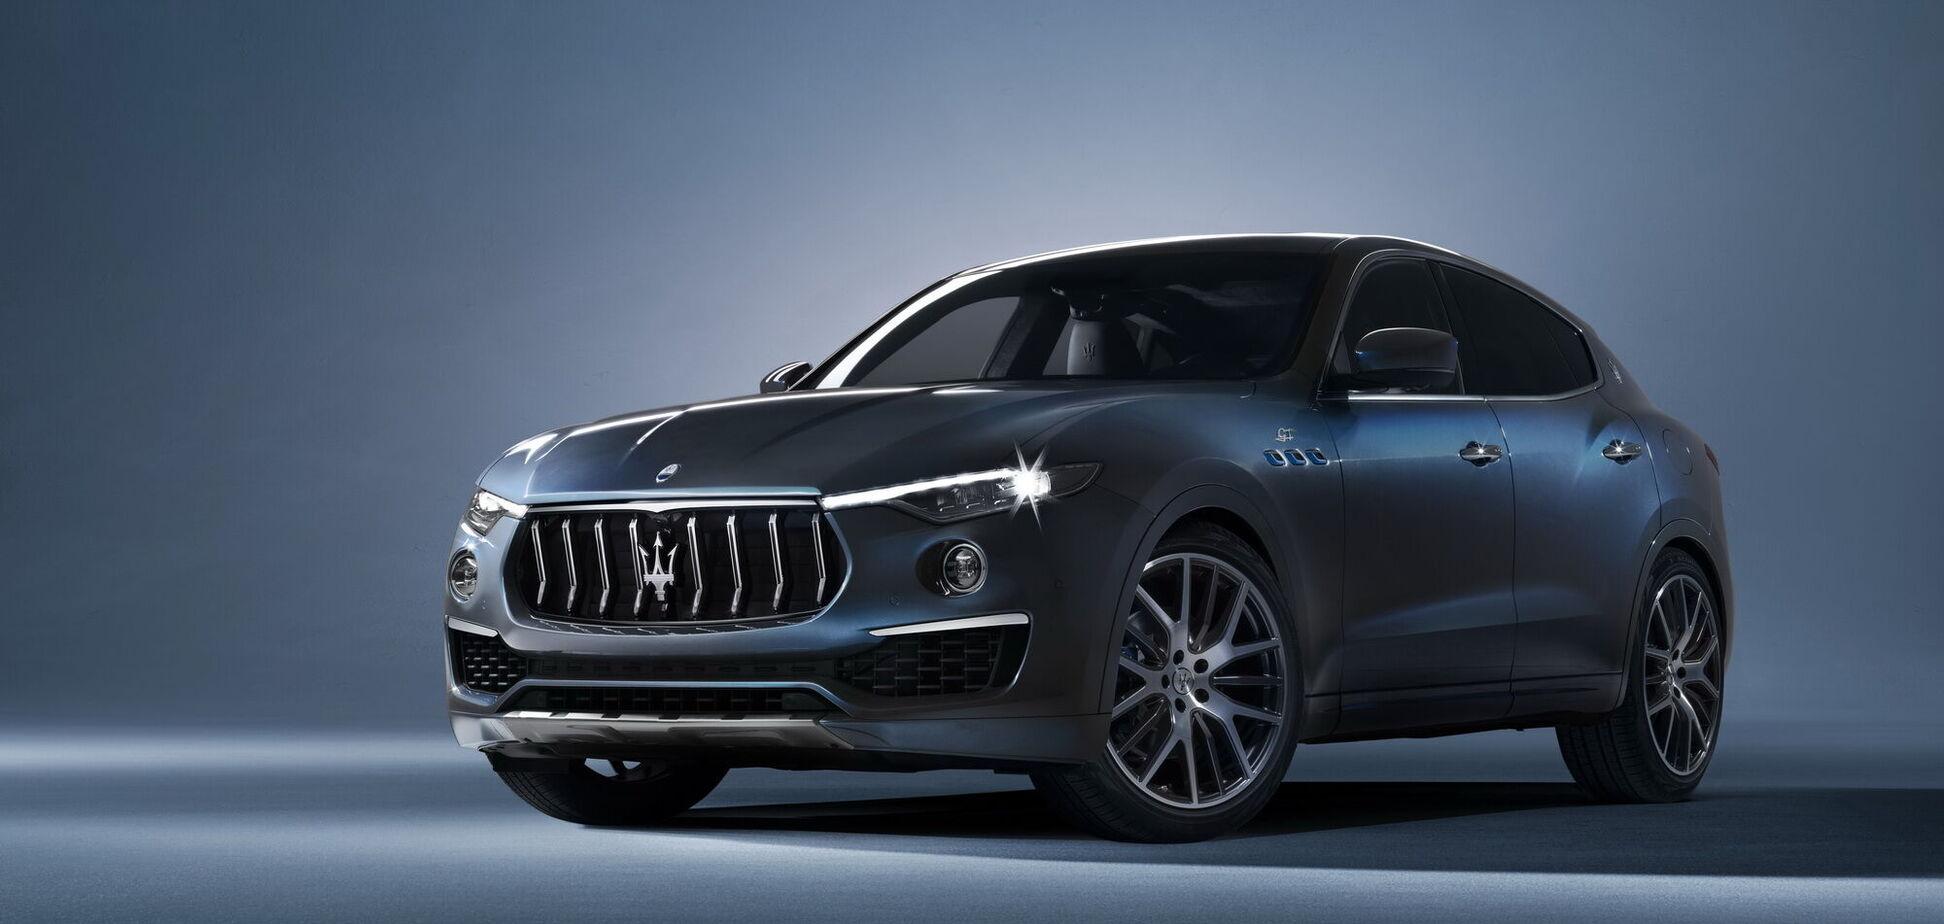 Кроссовер Maserati Levante стал гибридом